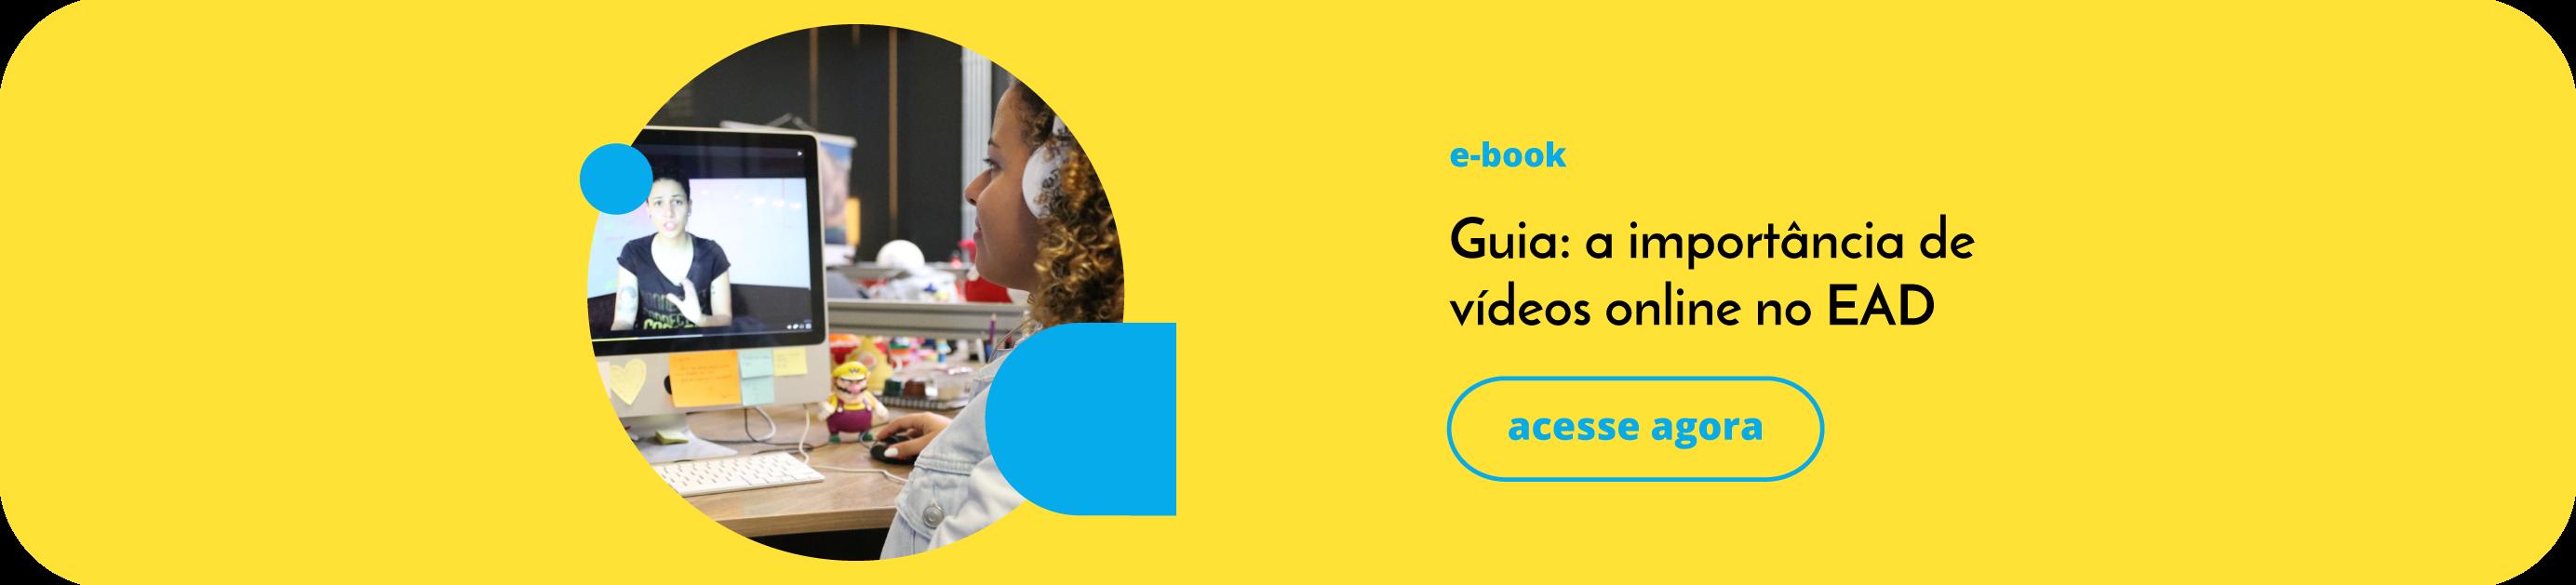 Ebook - Sambatech - Guia A importância de vídeos online no EAD